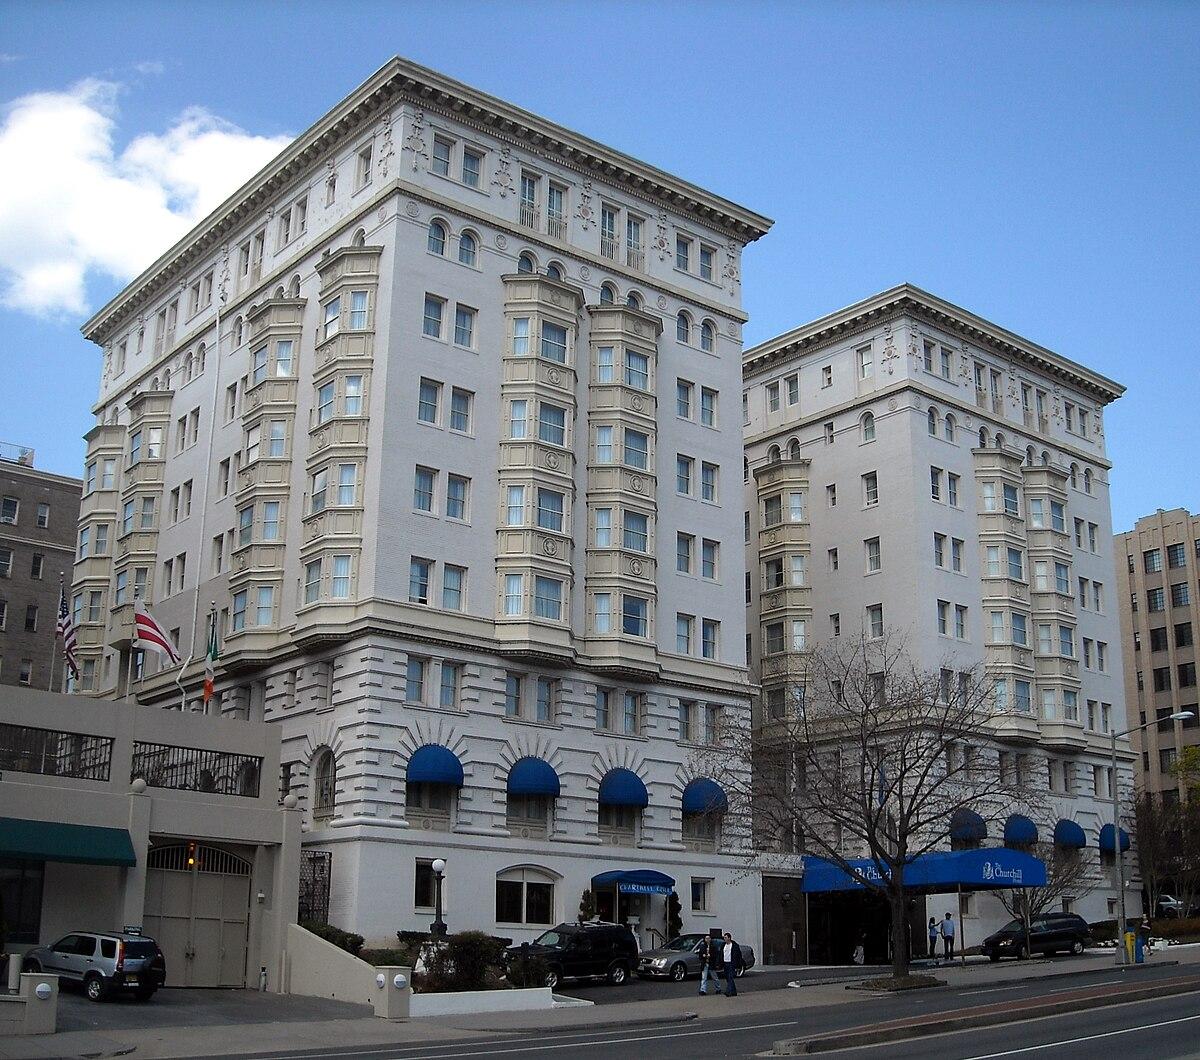 Churchill Hotel Near Embaby Row Washington Dc